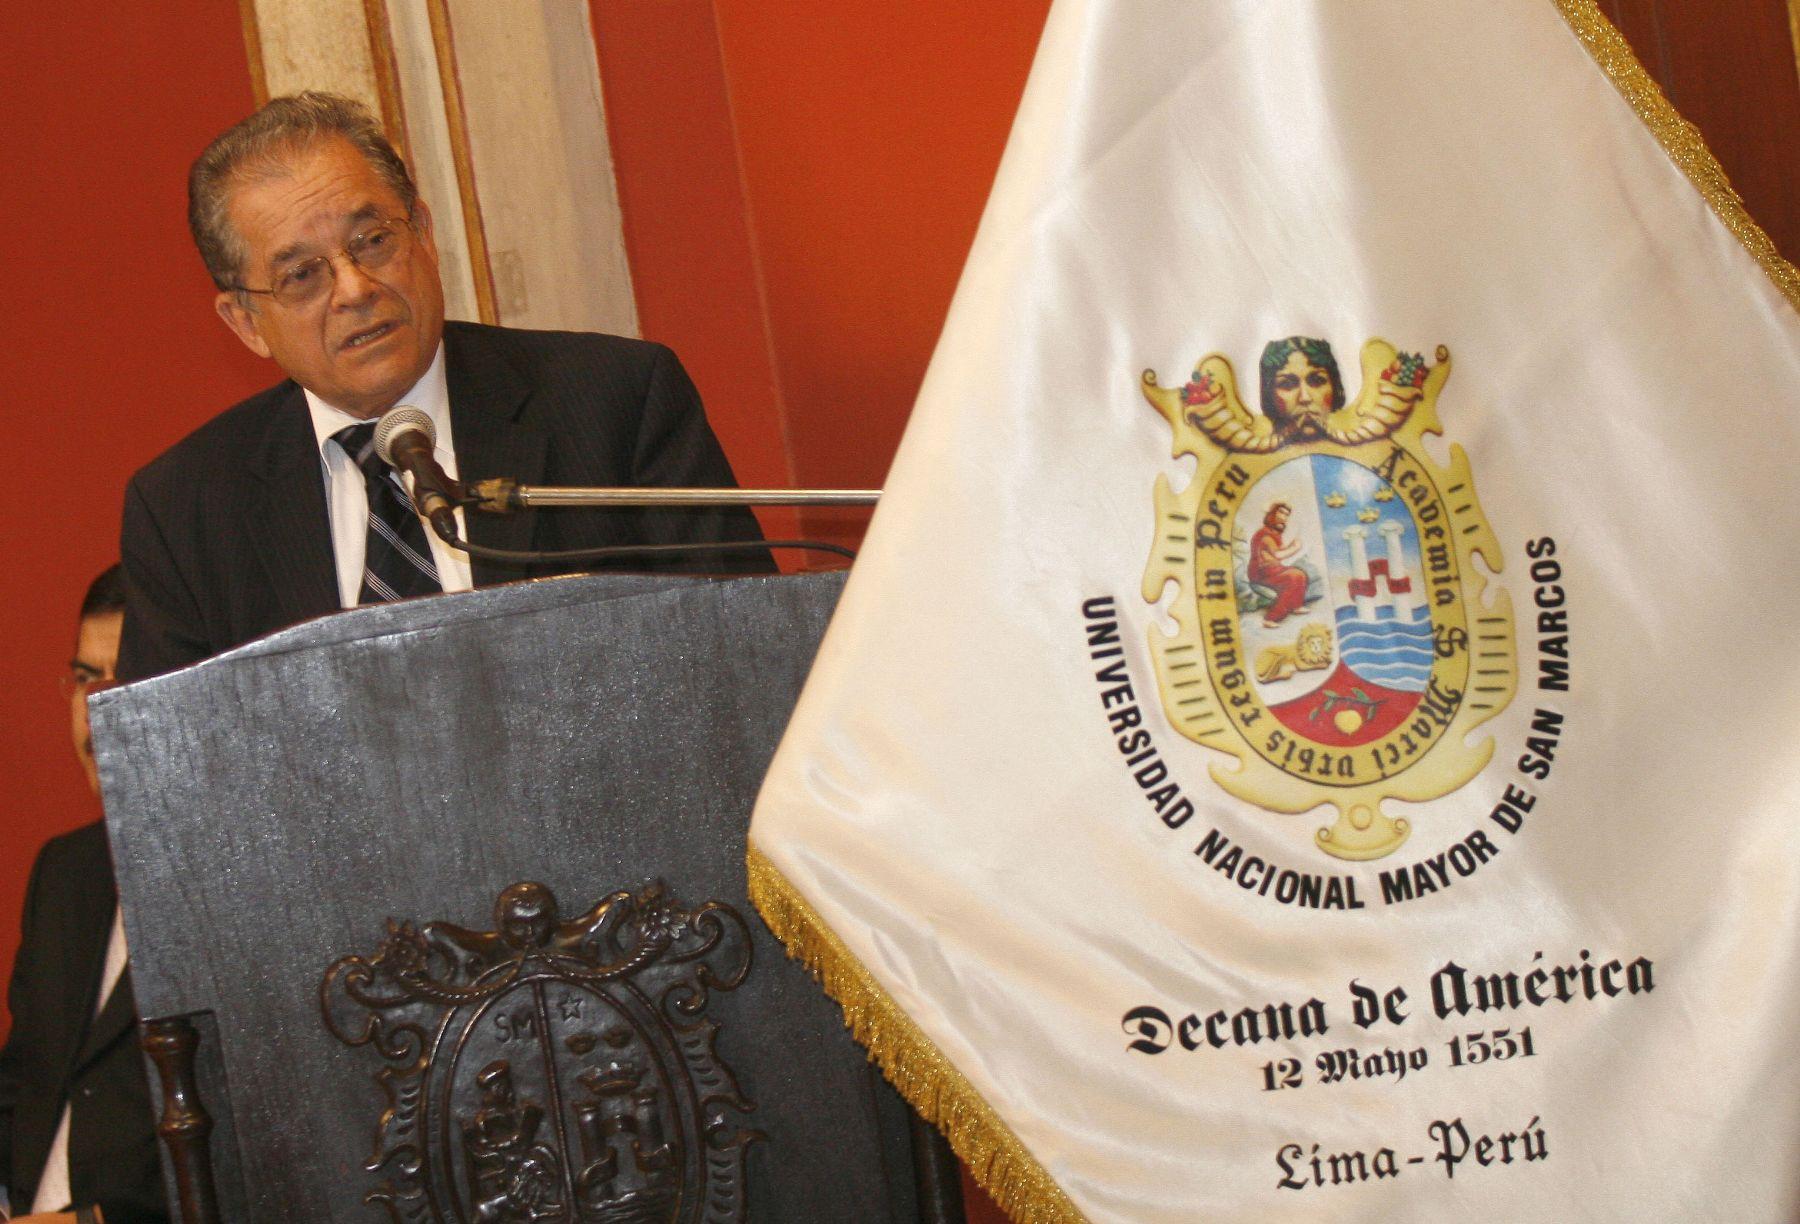 Luis Izquierdo, Rector de la Universidad San Marcos, explica el proceso de admisión 2009-I. Foto. ANDINA/Stephanie Zollner